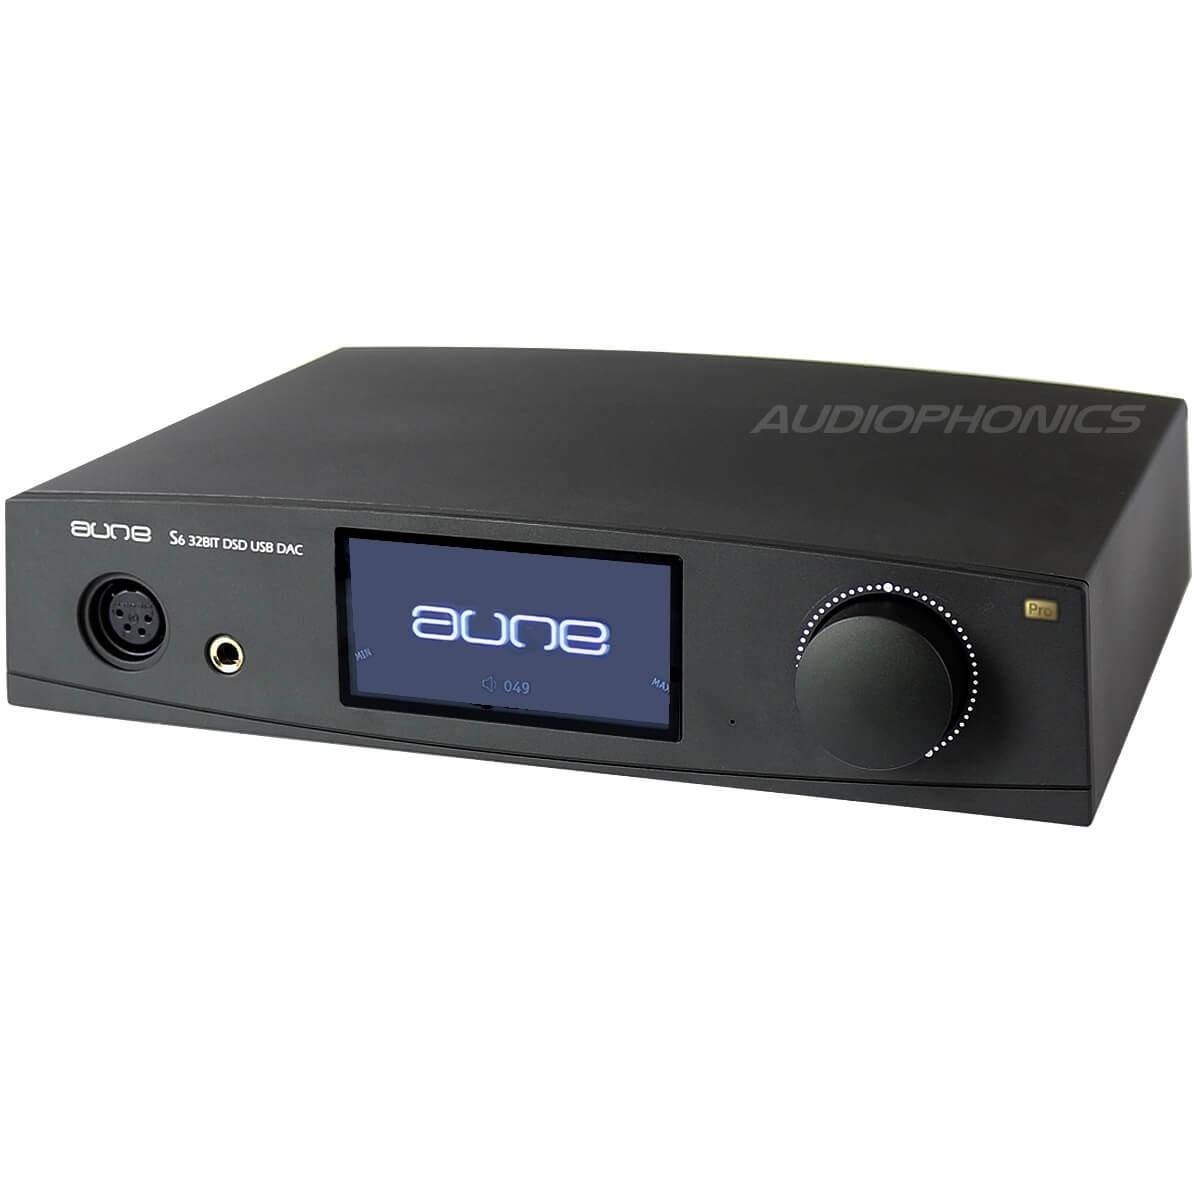 AUNE S6 PRO Ampli casque XLR DAC DSD / DXD AK4497 32bit / 768kHz XMOS Noir